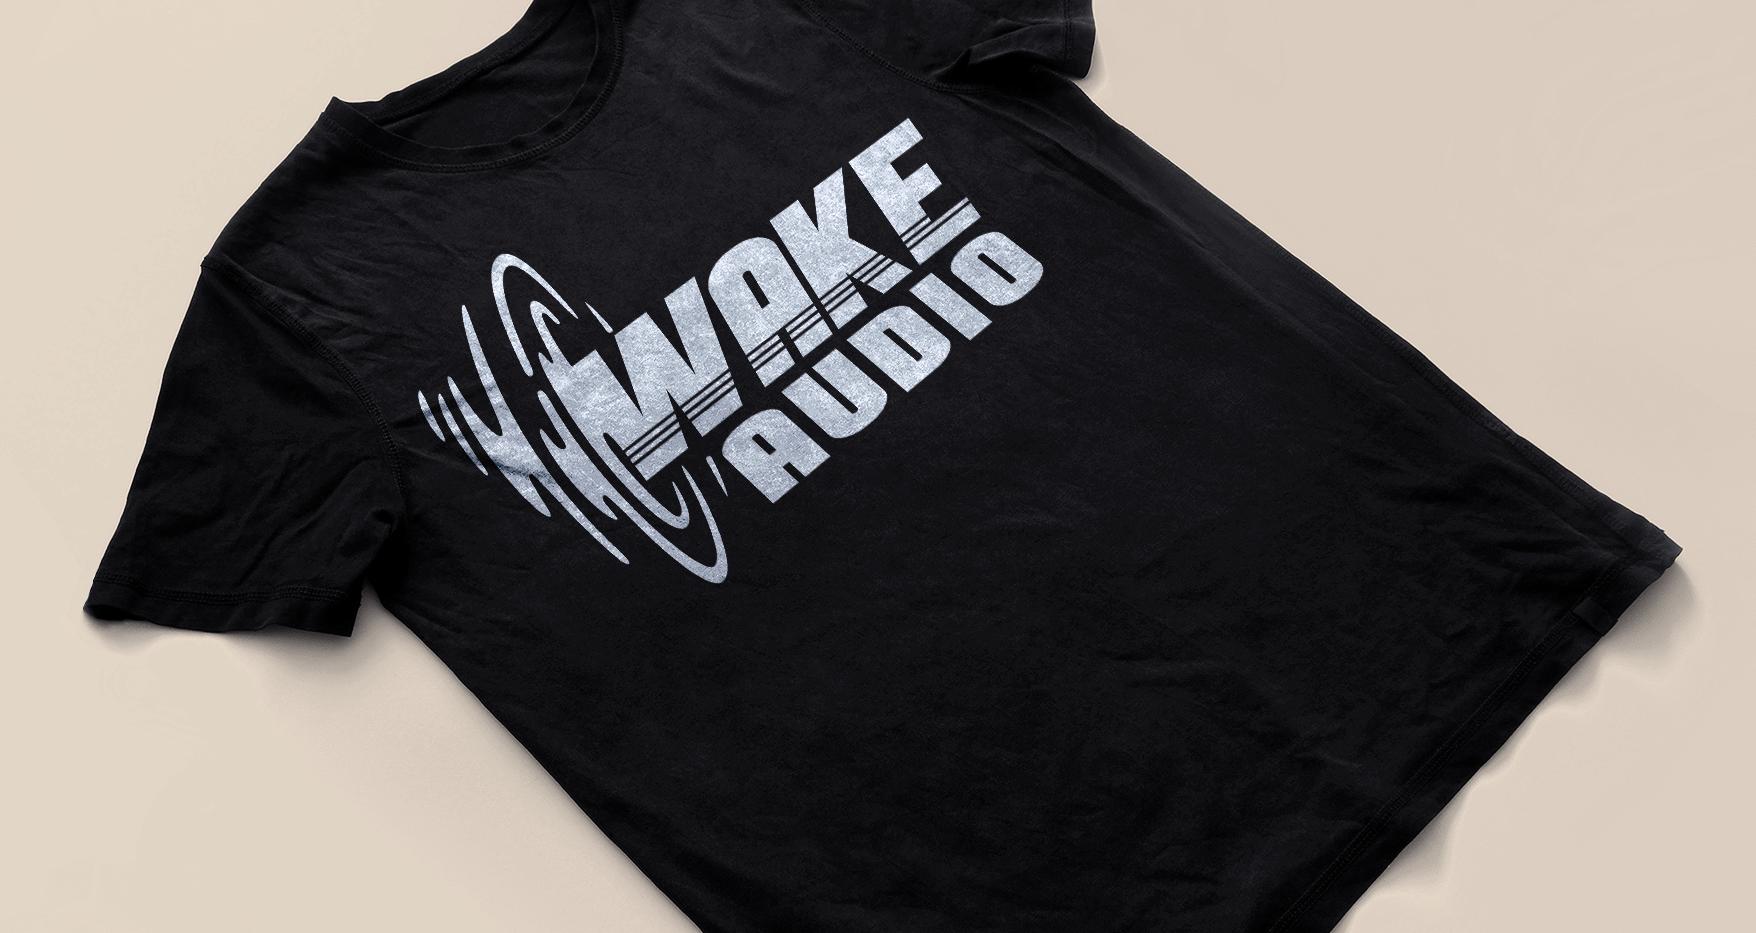 Wake Audio T-shirt (Black)